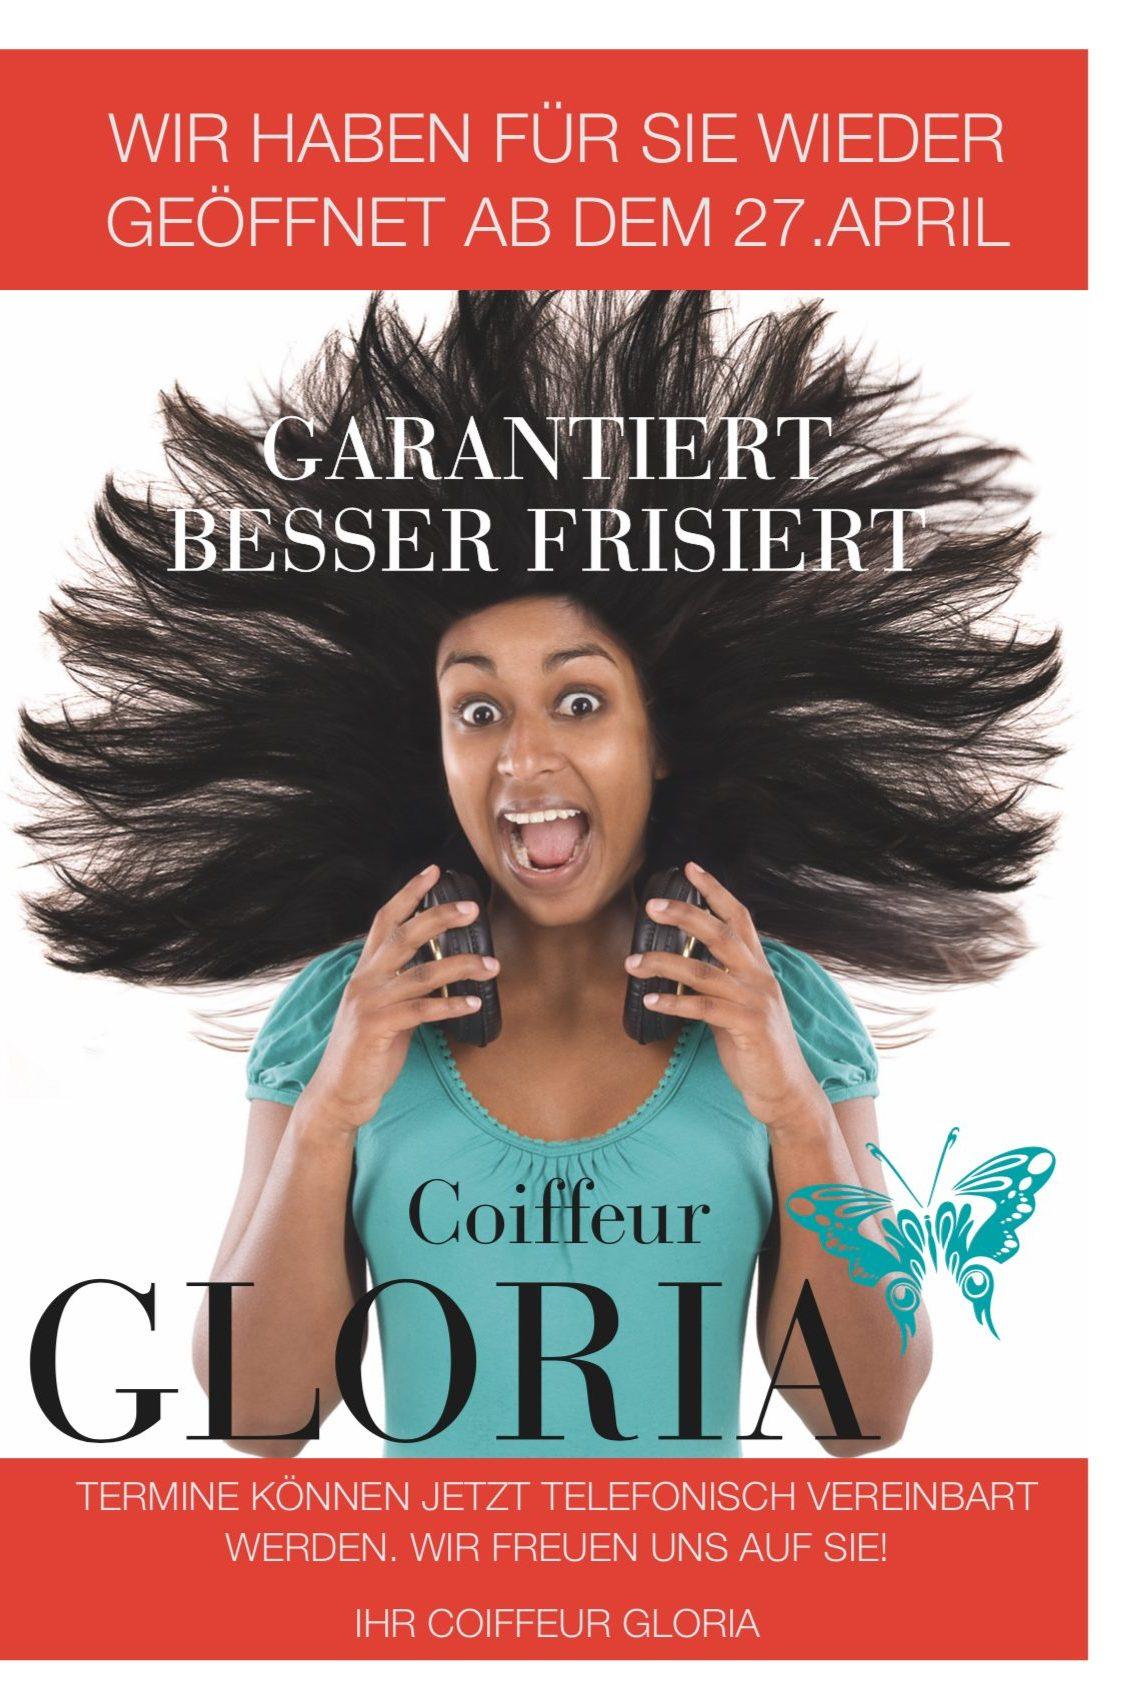 Coiffeur Gloria wieder geöffnet 27. April